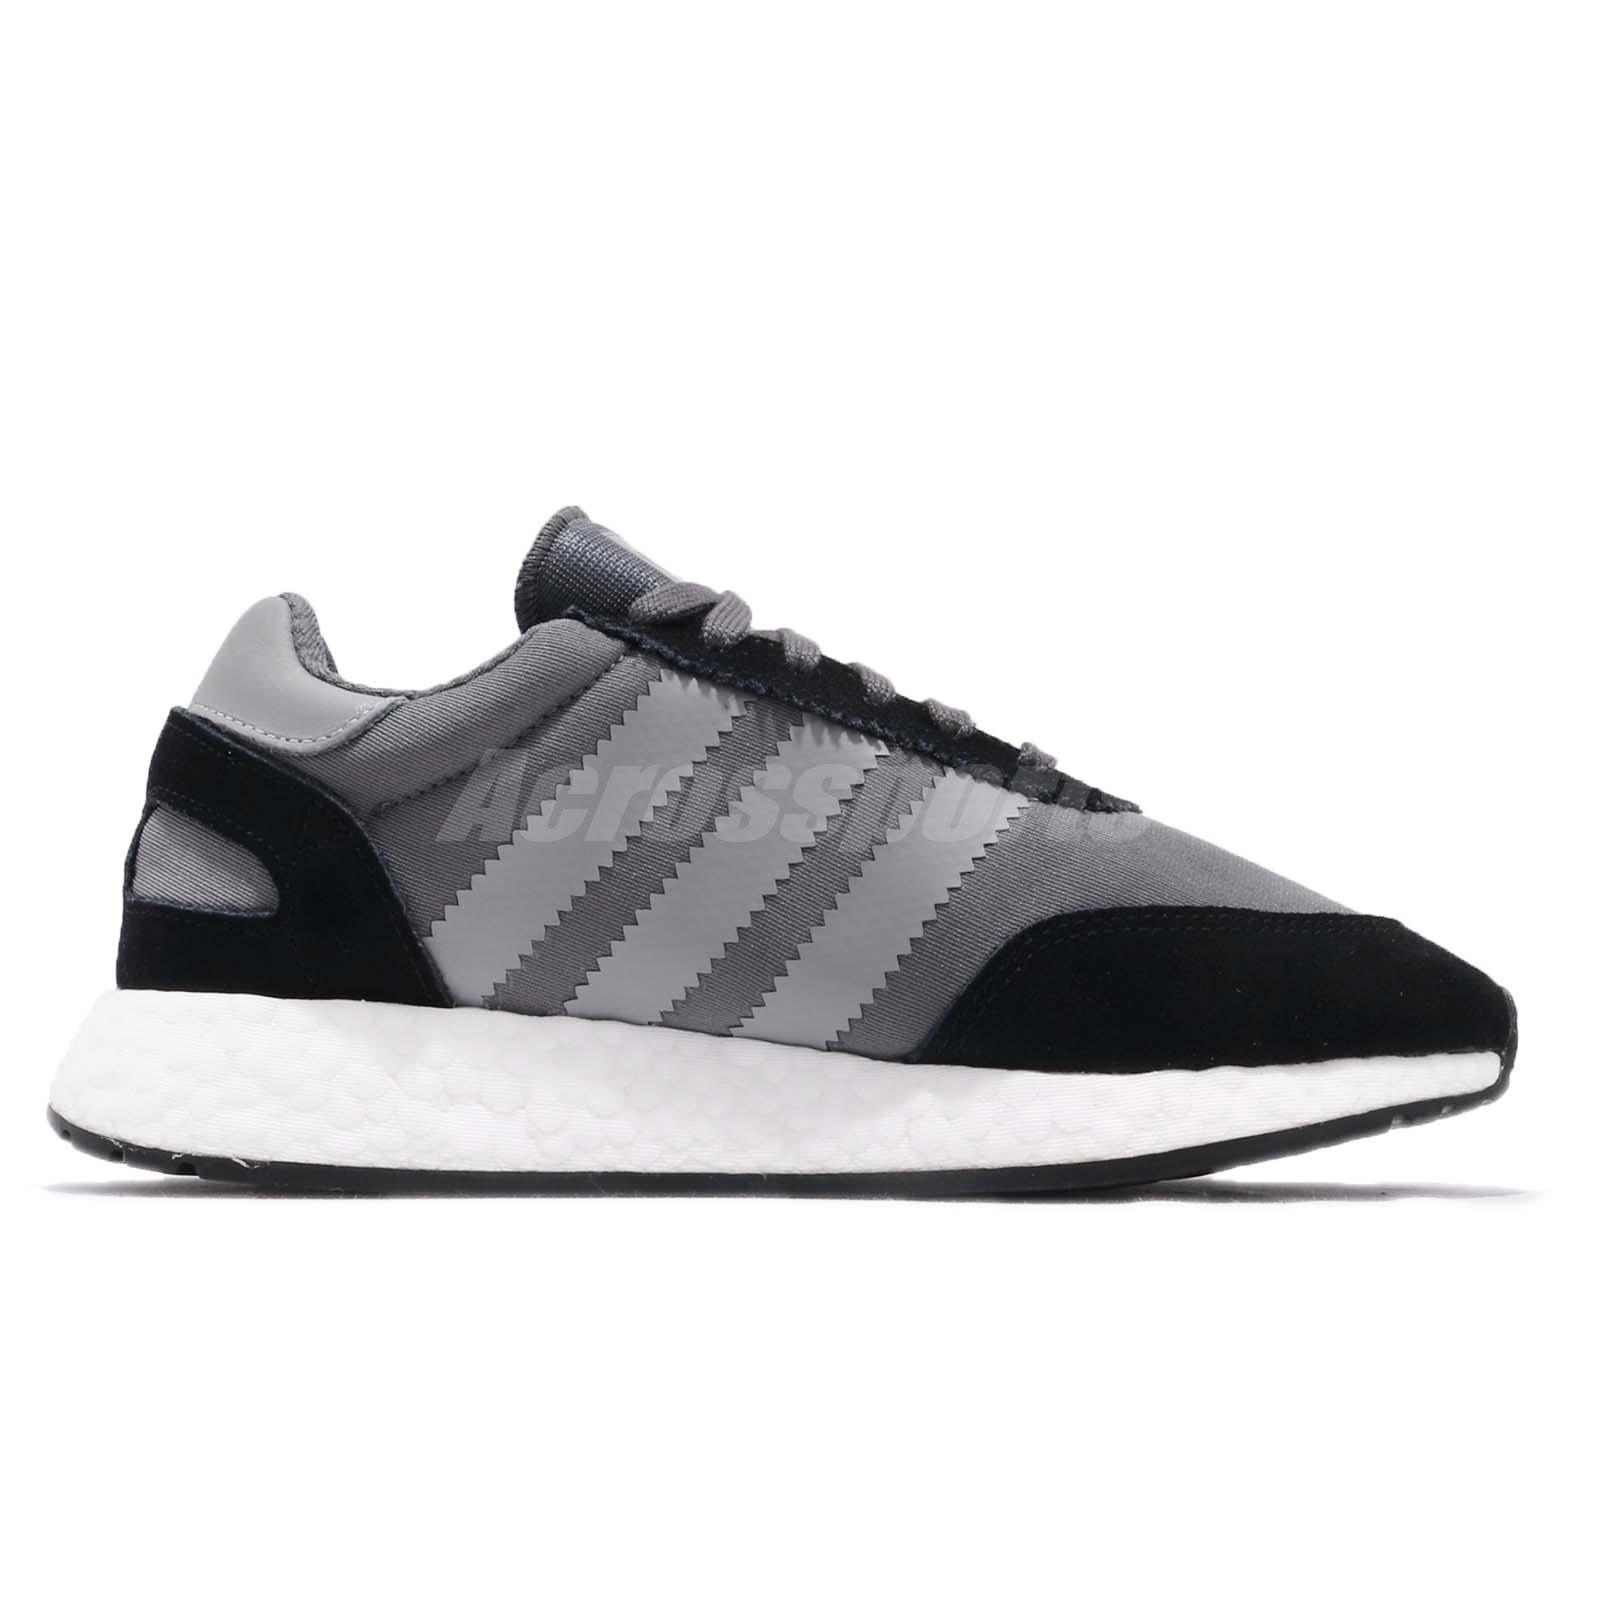 adidas Originals I-5923 W Iniki Runner